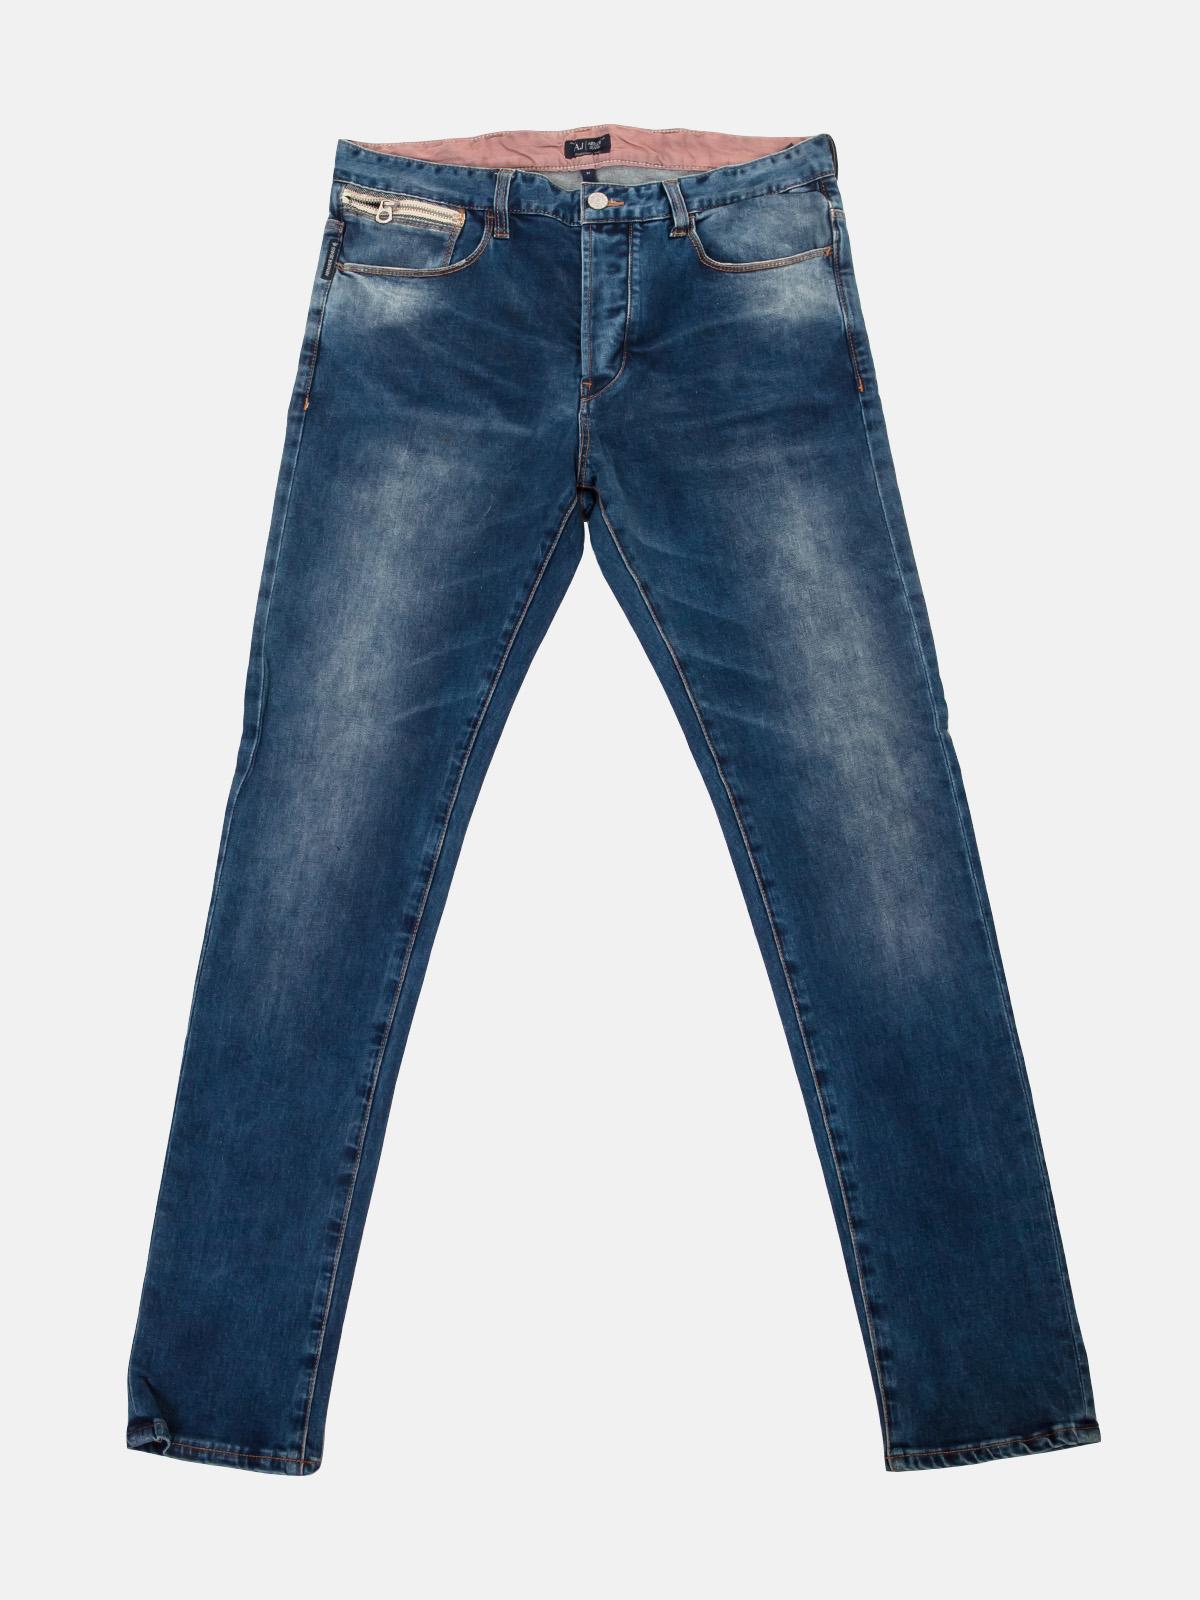 Классические протертые джинсы Armani Jeans